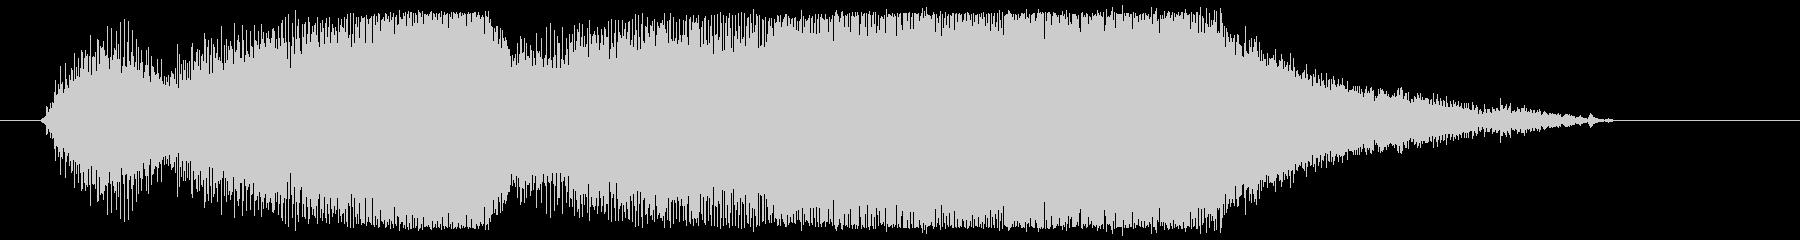 チェーンソーやバイクのエンジン音2の未再生の波形